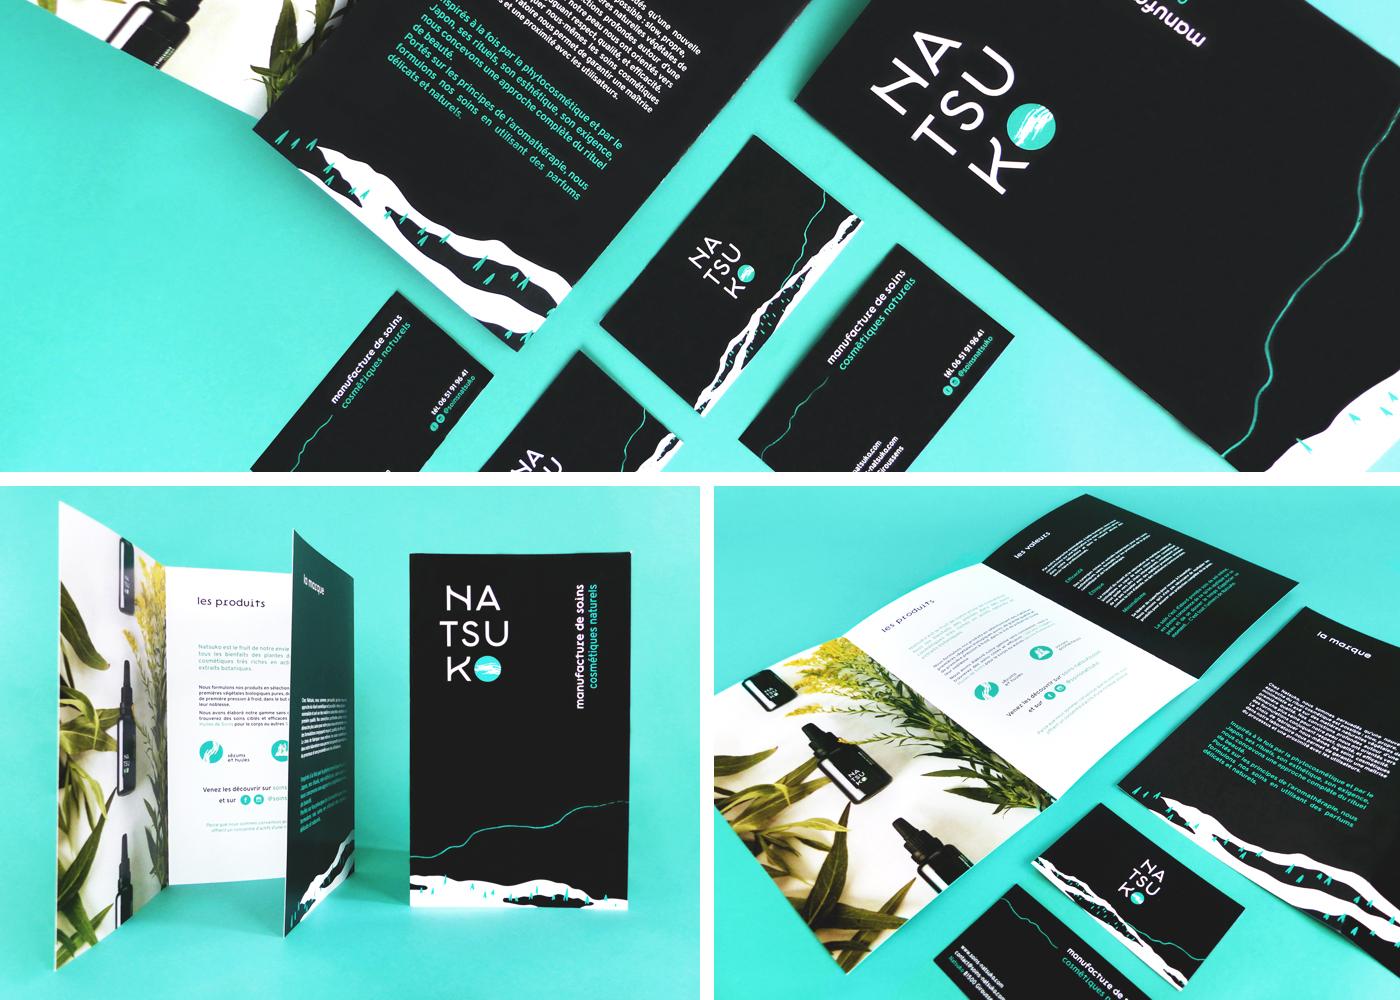 Montage photo présentant les divers supports imprimés de la charte Natsuko : cartes de visite et plaquette commerciale.